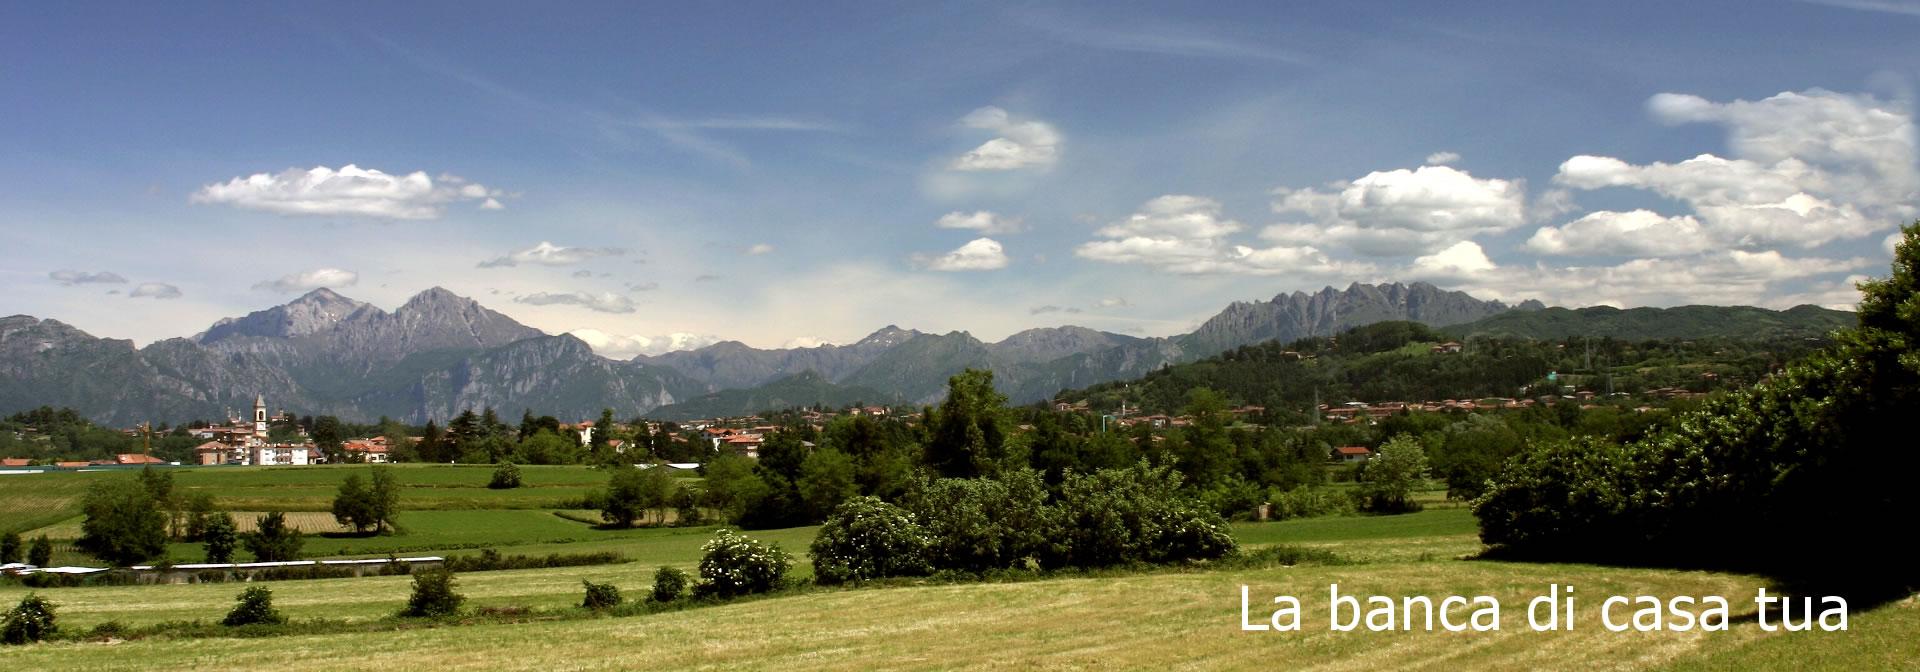 Panoramica della Valle del Lambro